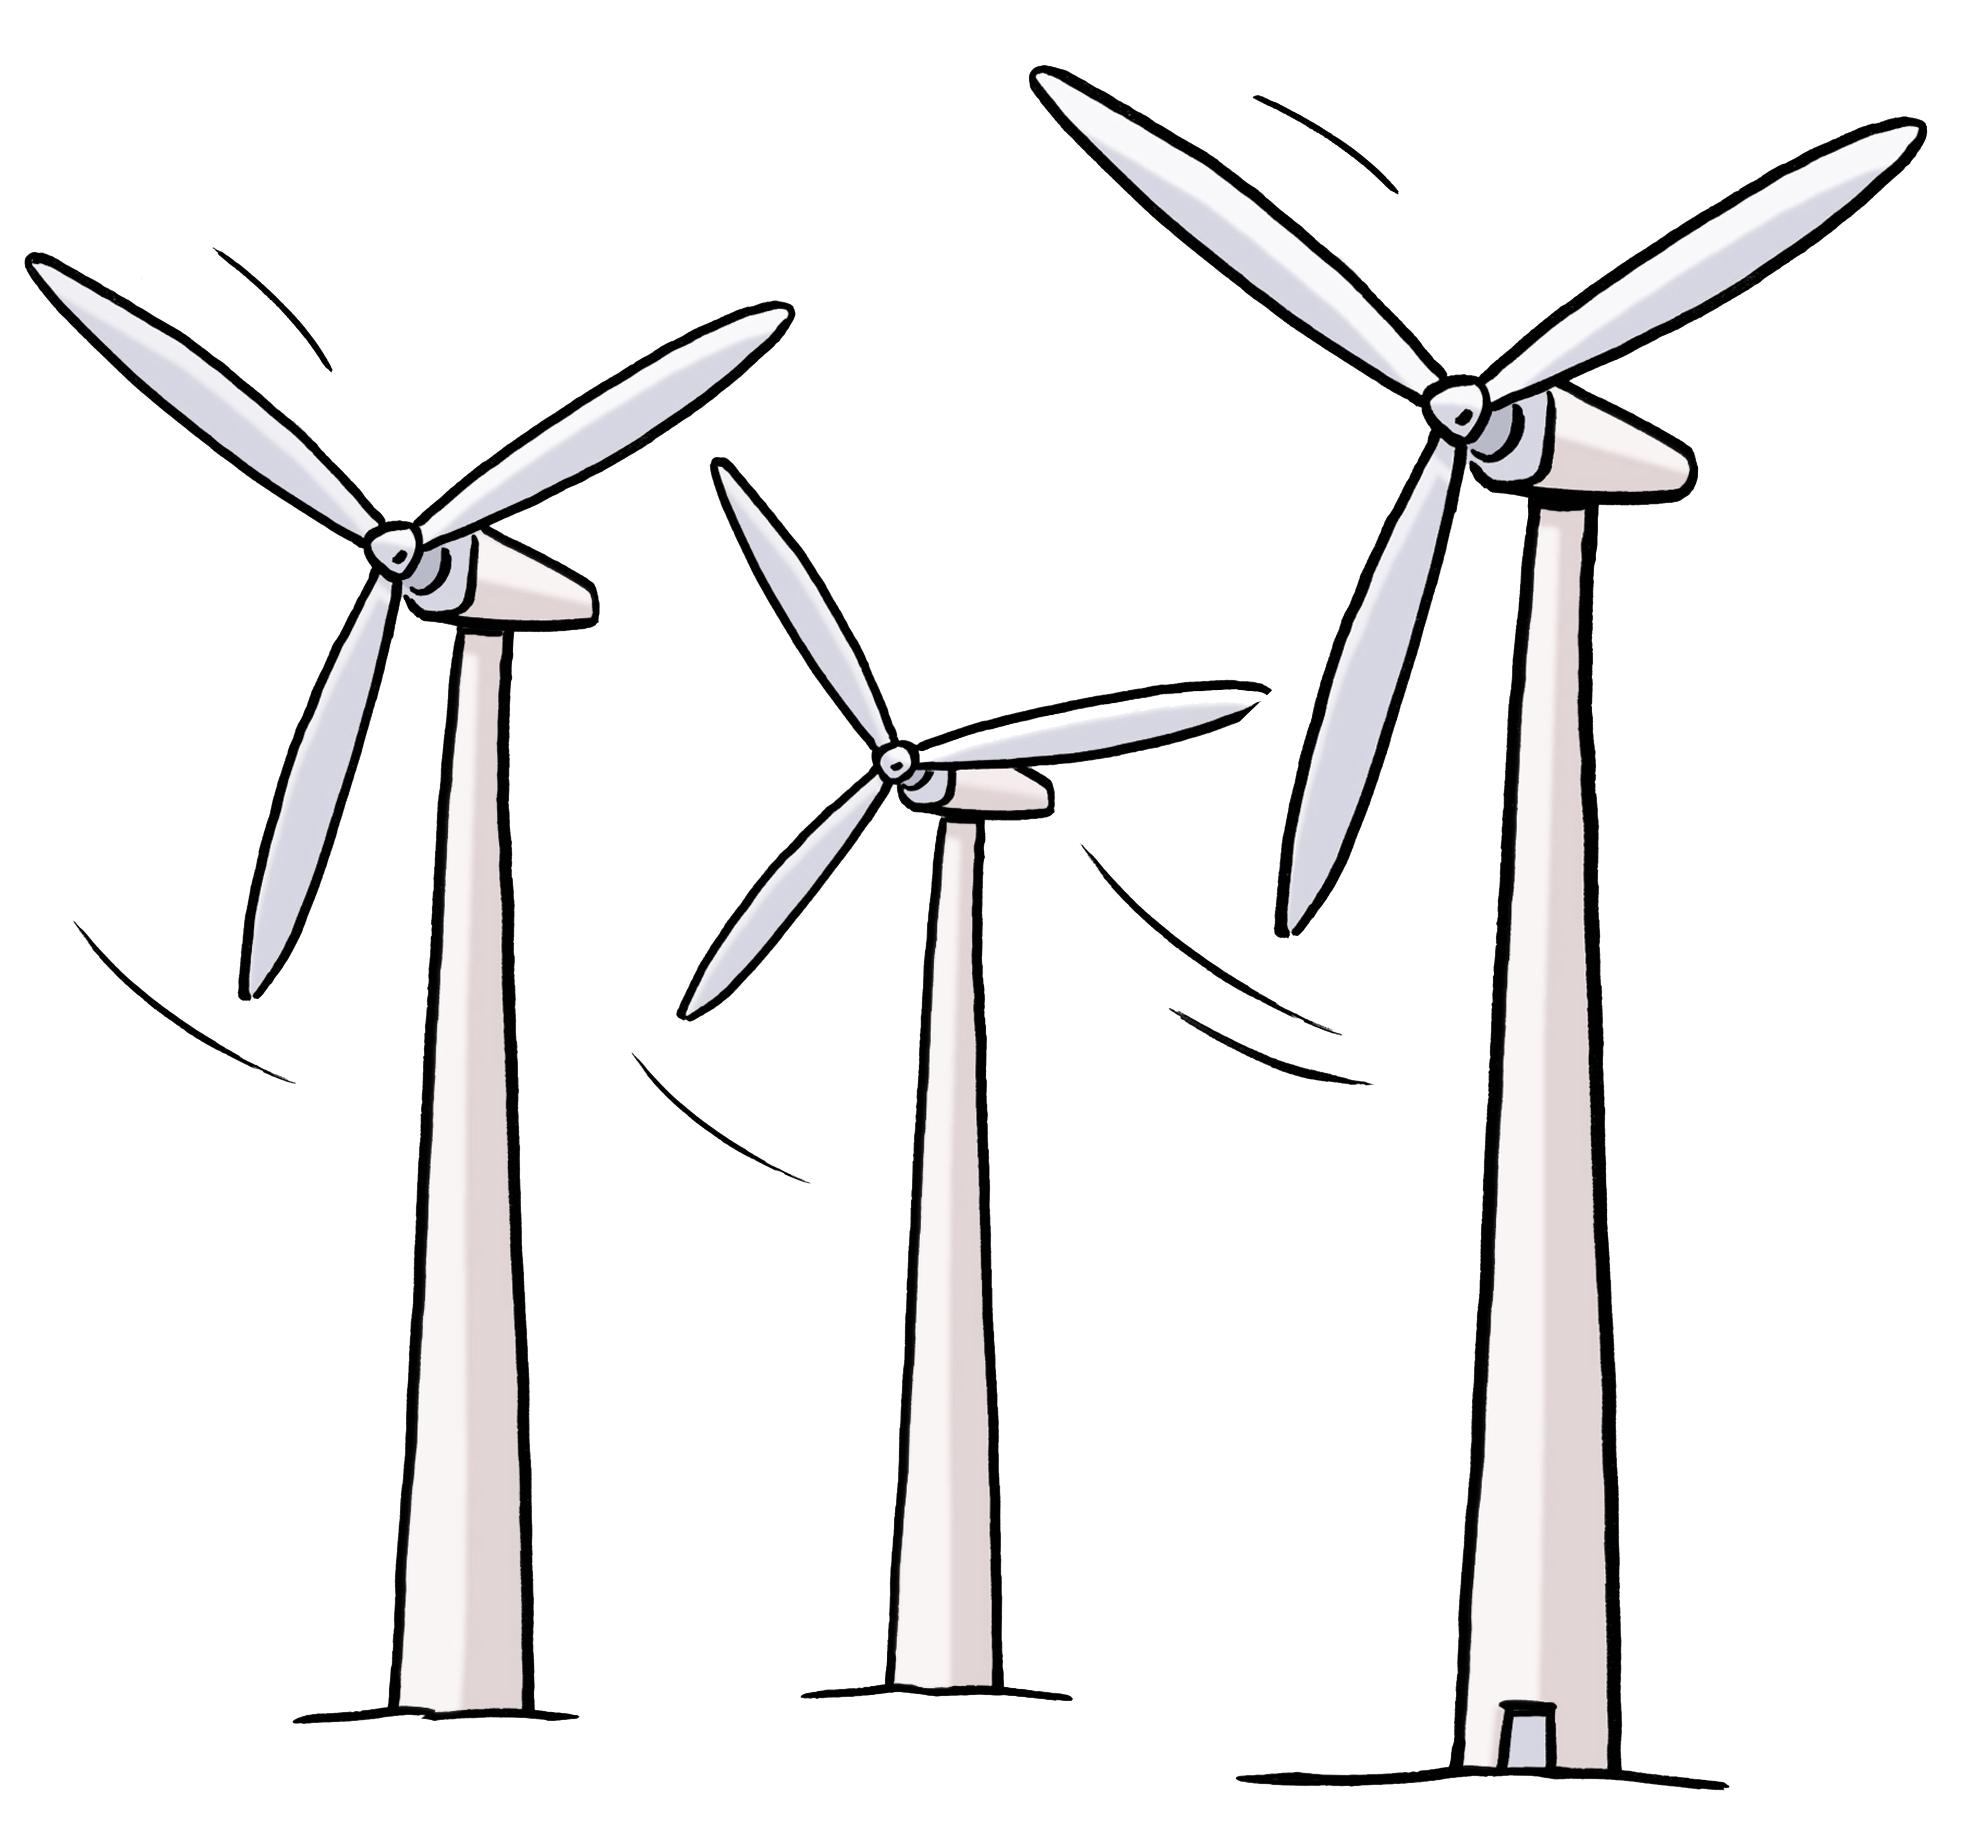 Grafik Windenergie